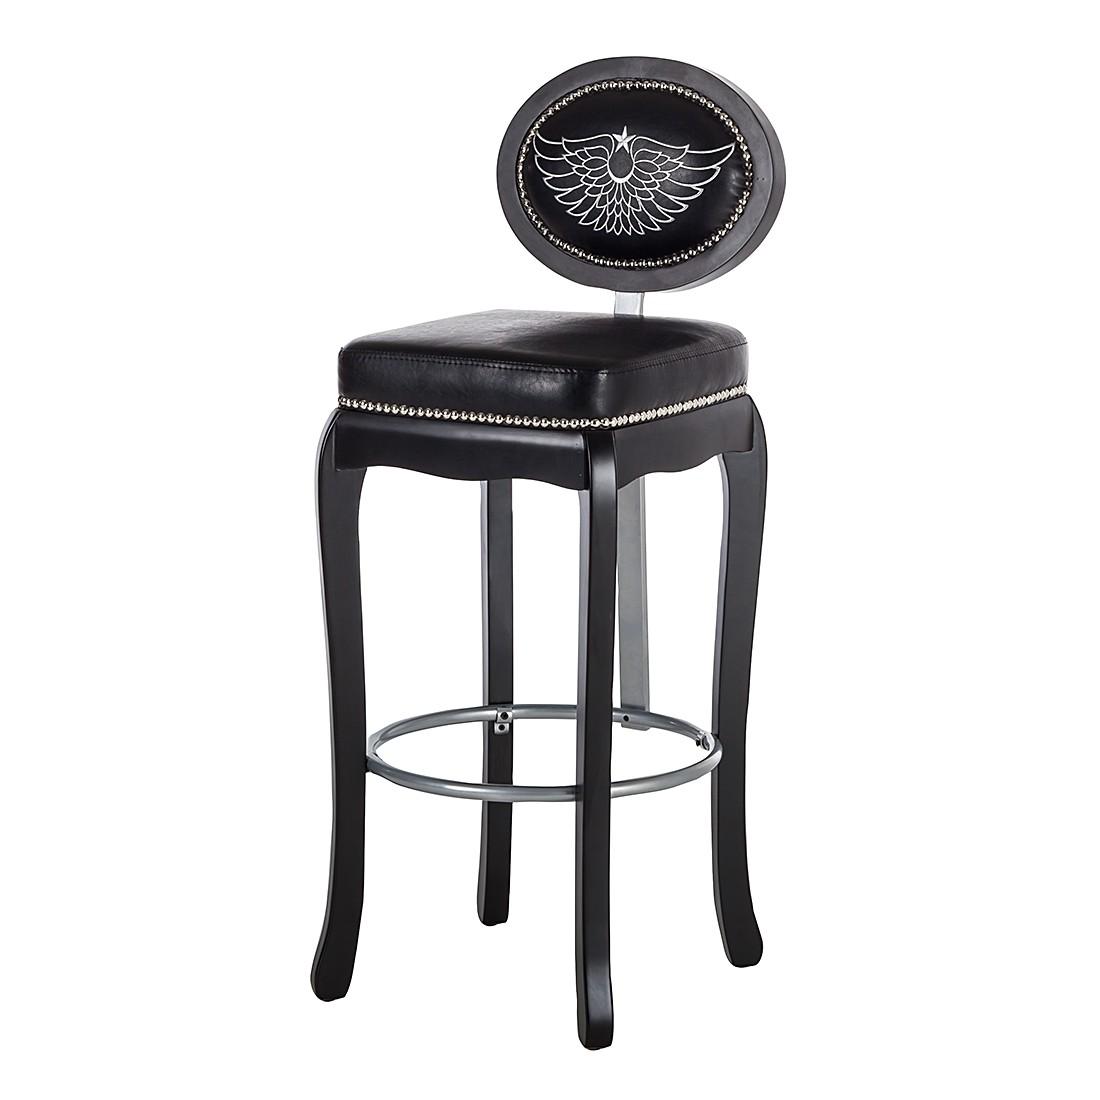 Barstuhl Rockstar – in schwarz, Kare Design online bestellen